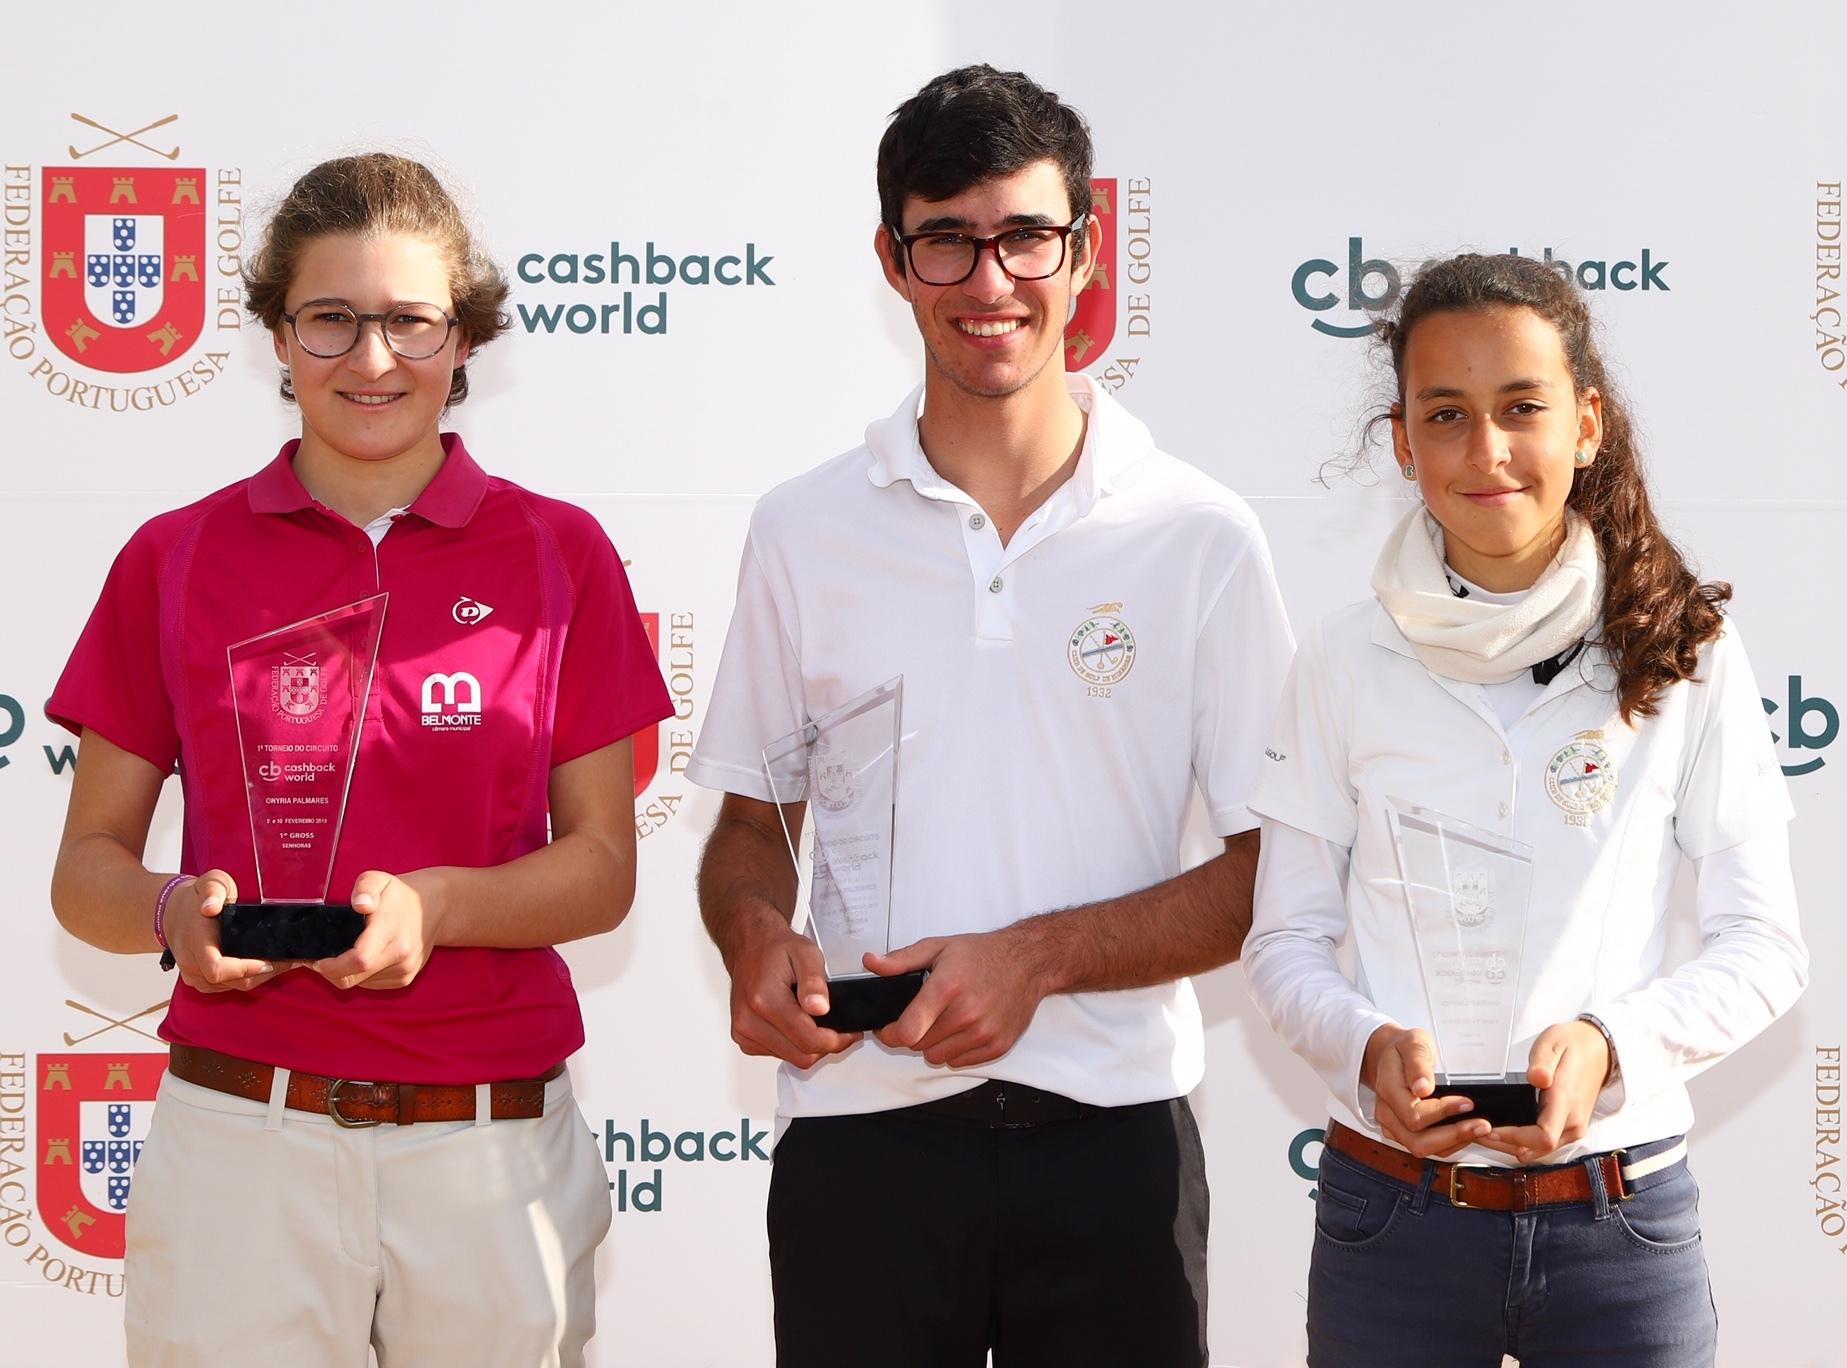 1.º TORNEIO CIRCUITO CASHBACK WORLD –  Pedro Silva com vitória espetacular em Palmares